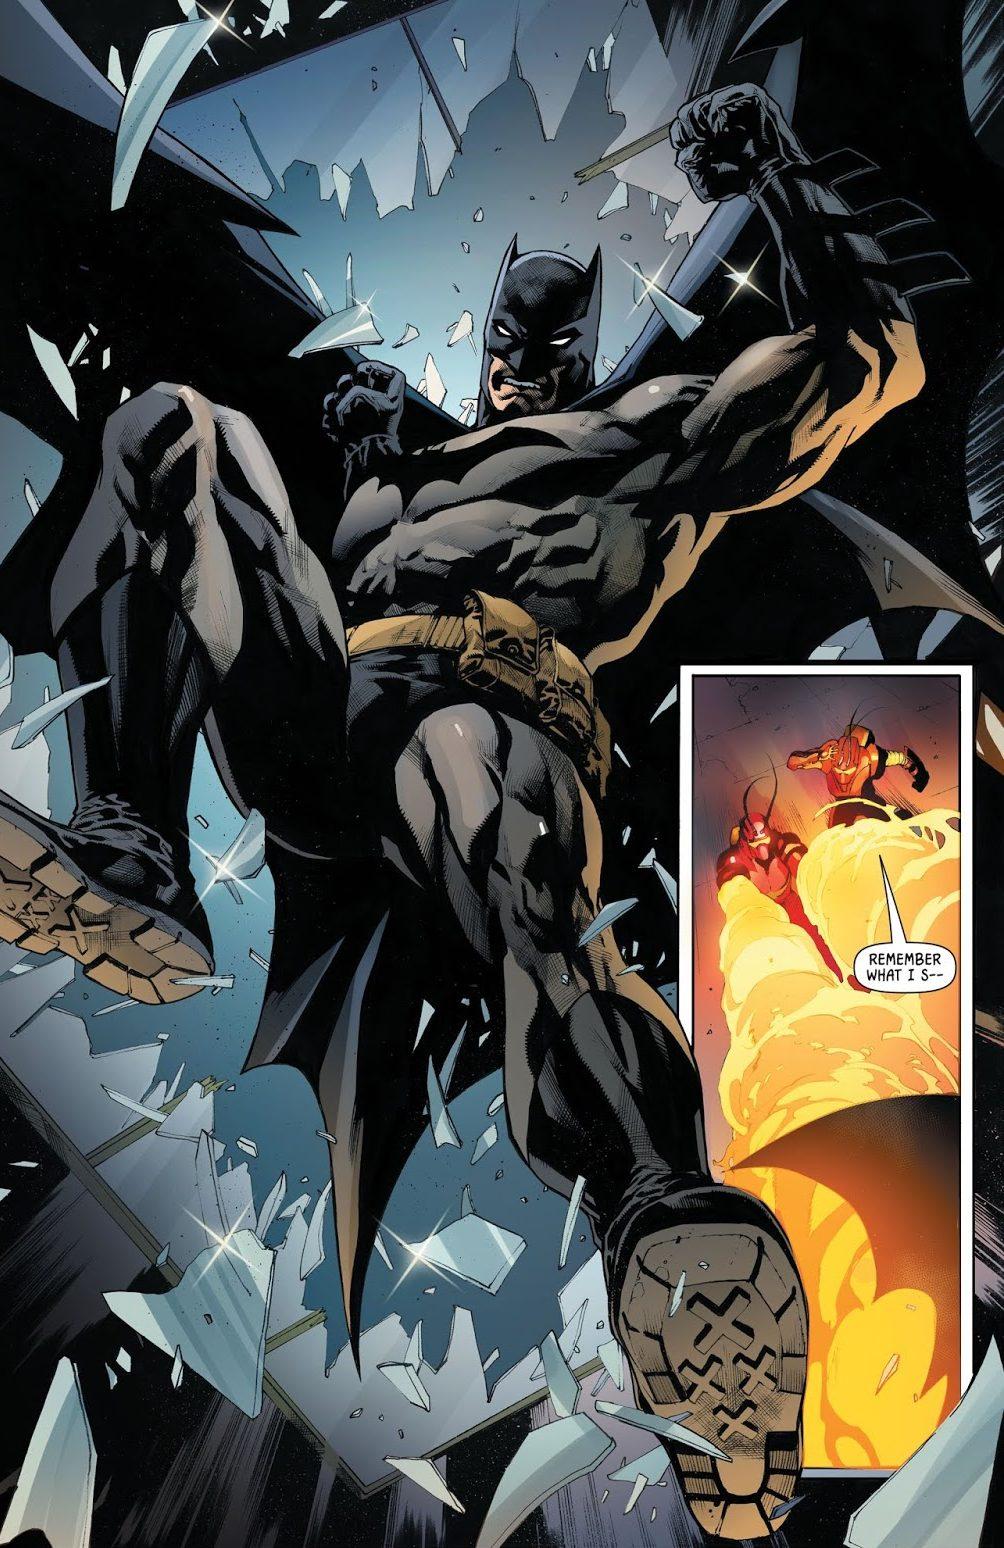 Batman VS 2 Fireflies (Rebirth)